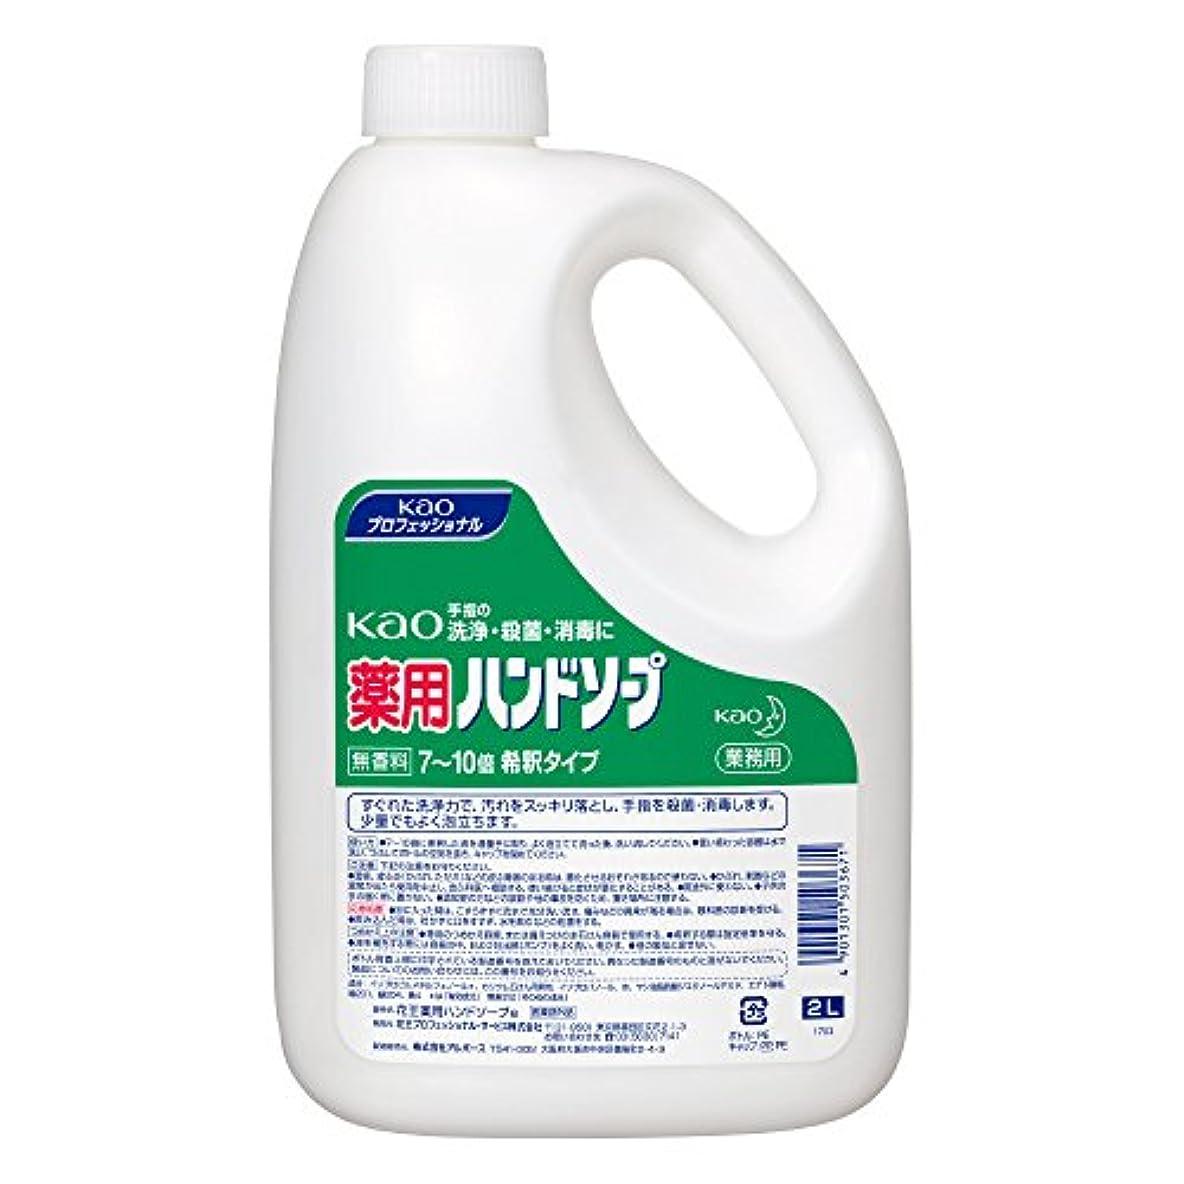 腹痛幻影サラダ【業務用 ハンドソープ】Kao 薬用 ハンドソープ 2L(花王プロフェッショナルシリーズ)